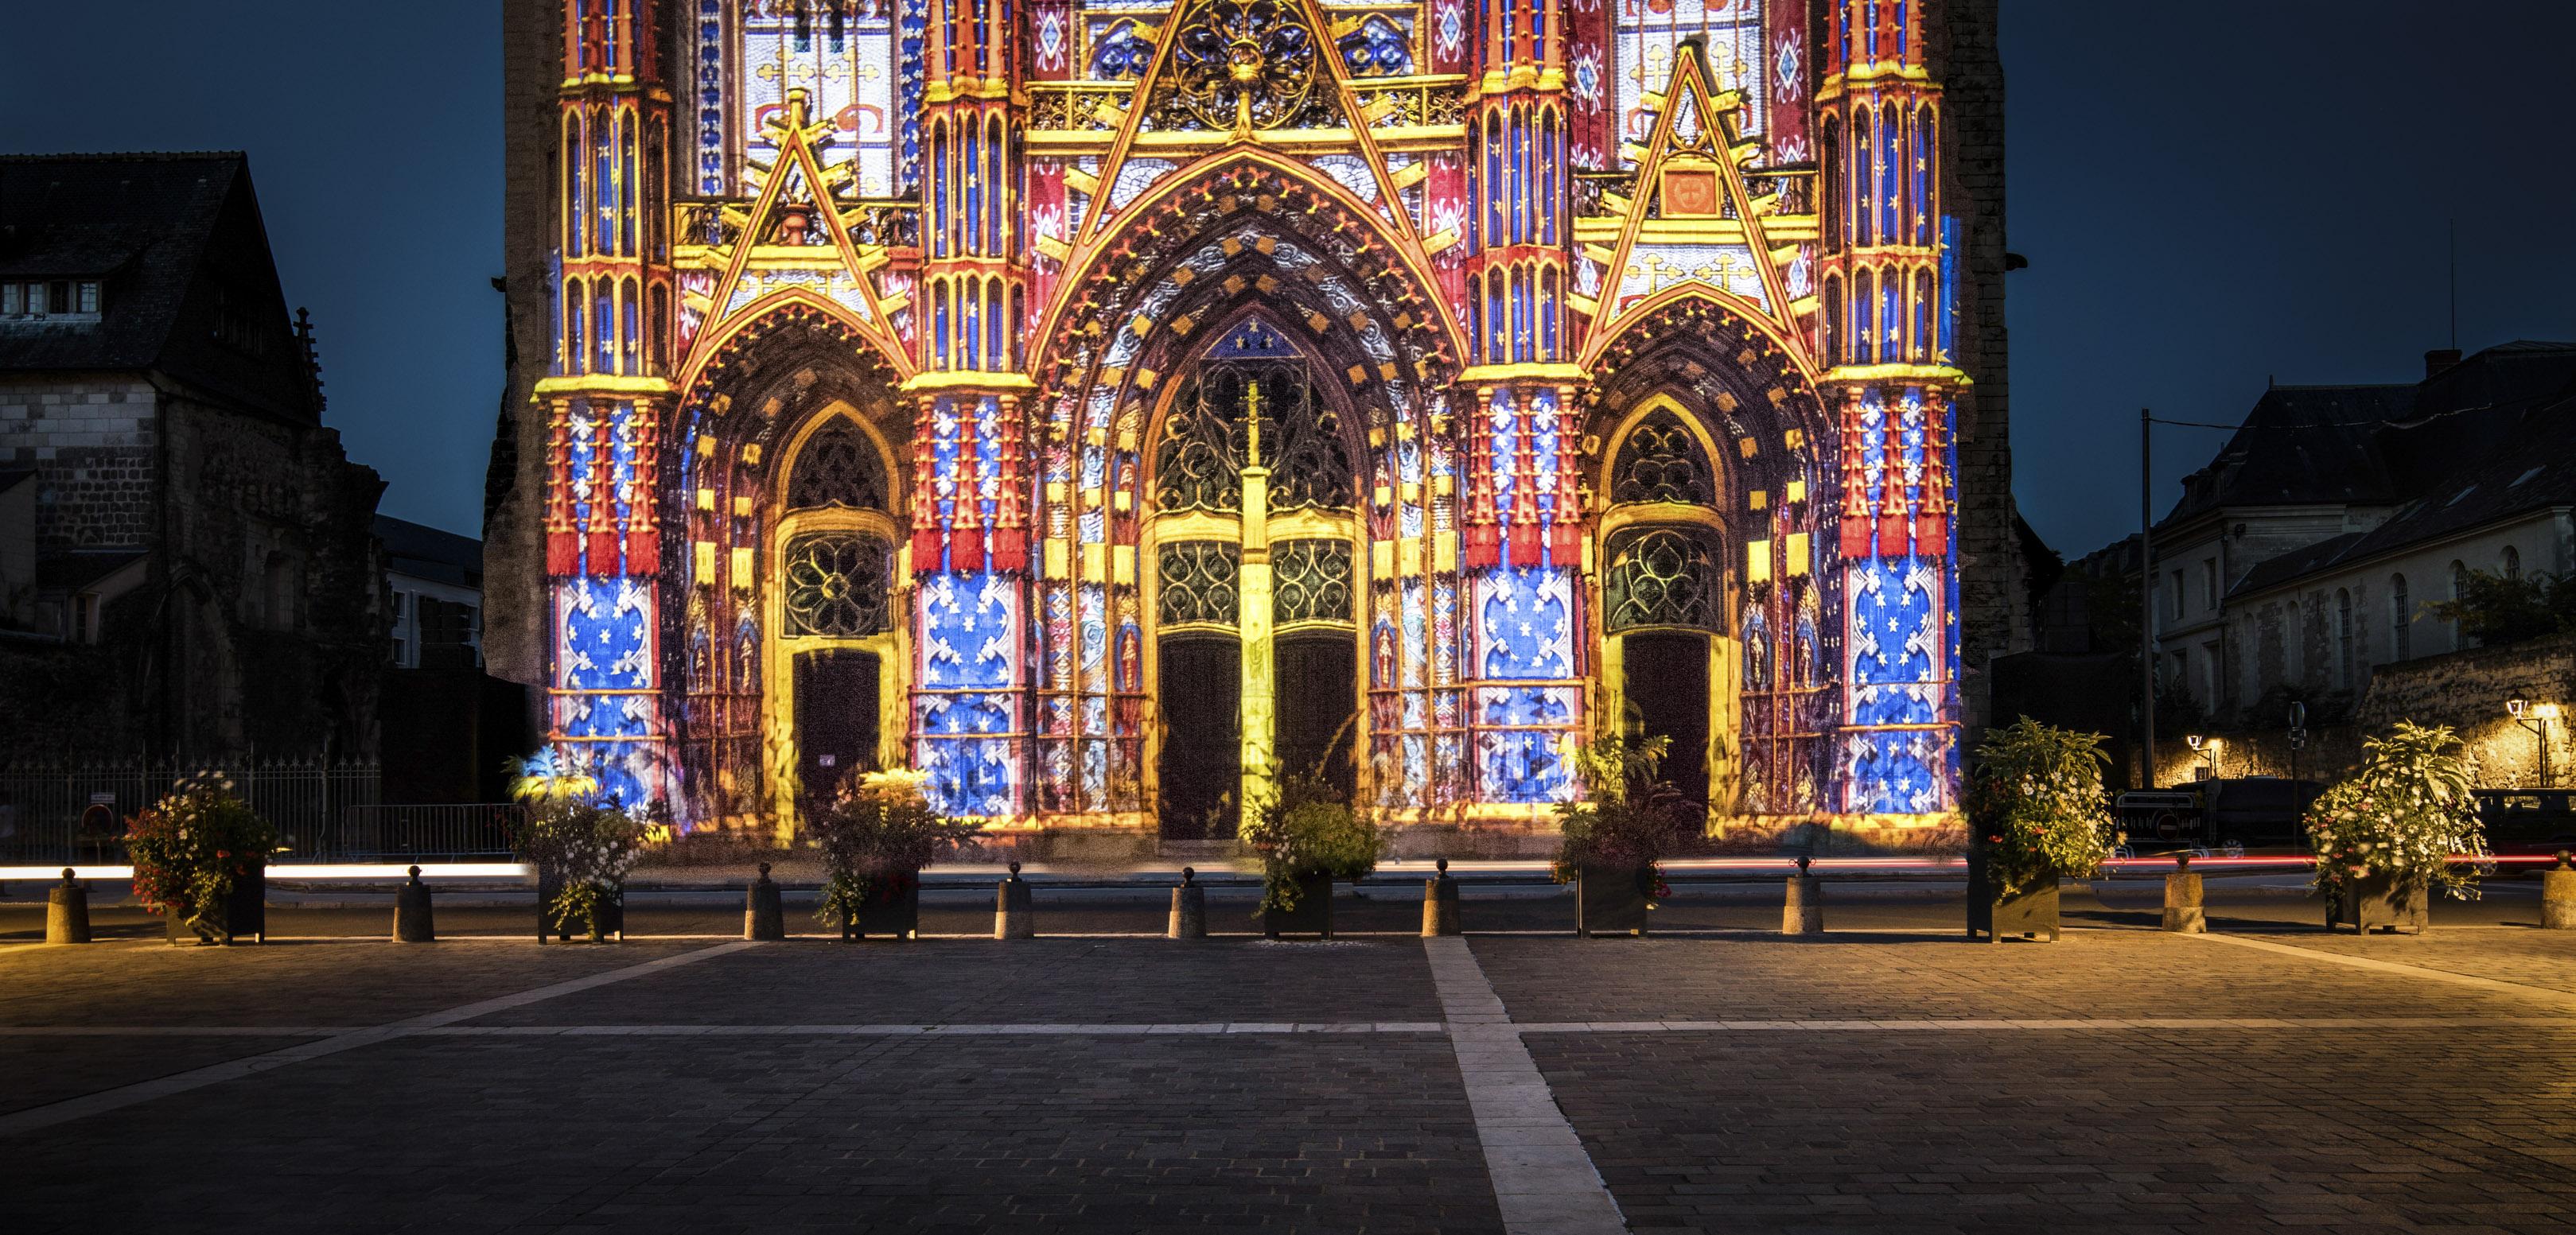 Cathédrale Saint-Gatien, spectacle Les Illusions de la cathédrale - Août 2016